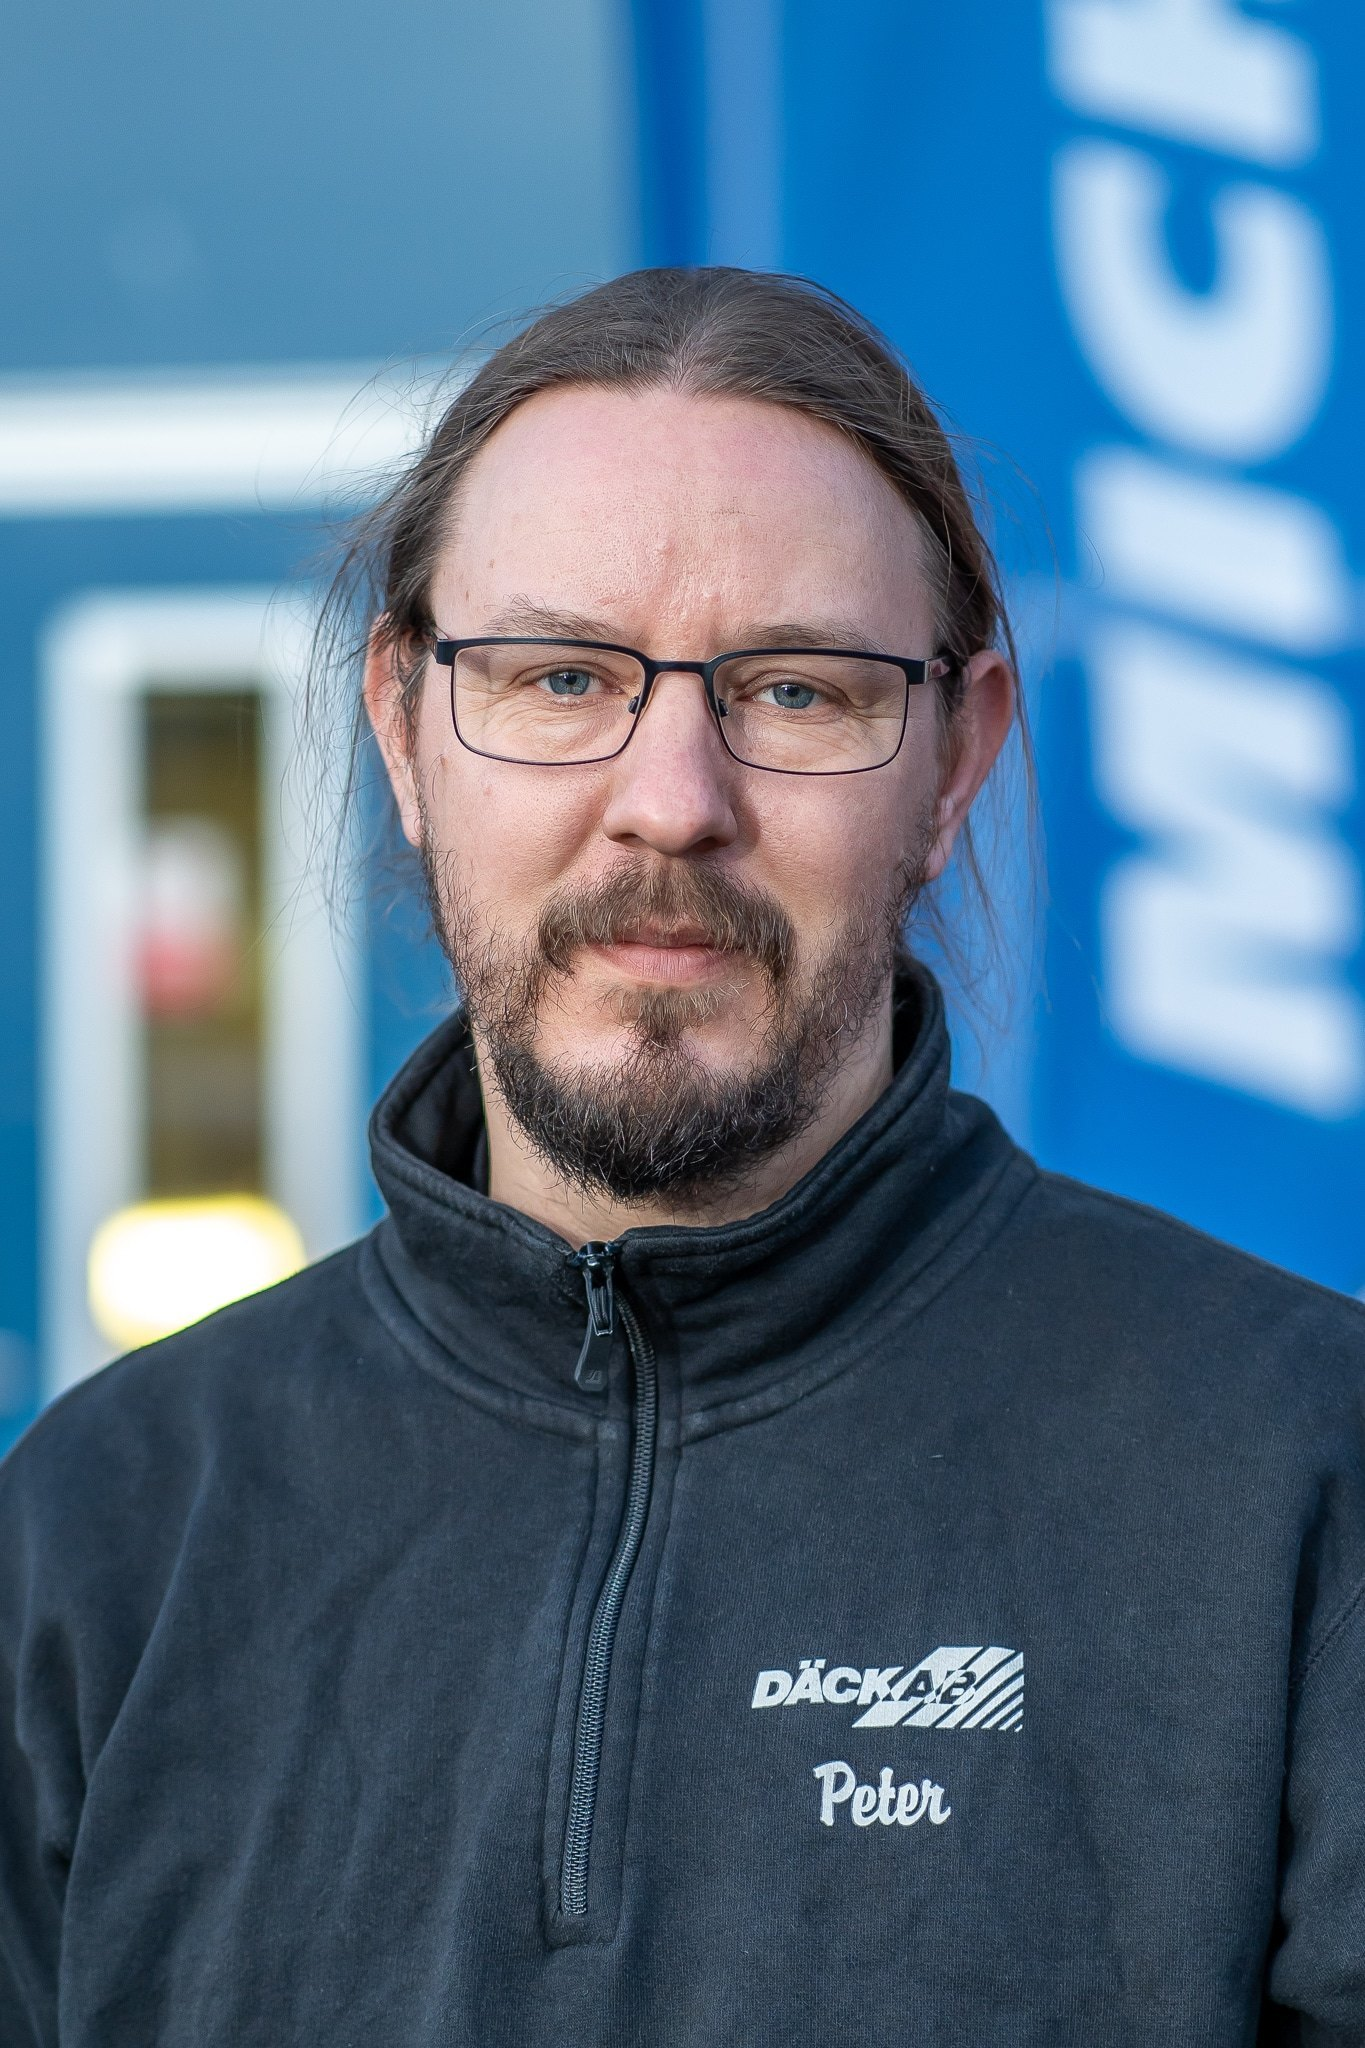 Peter Svensson Däckab Delsbo. Foto: Morgan Grip / Mediamakarna Grip